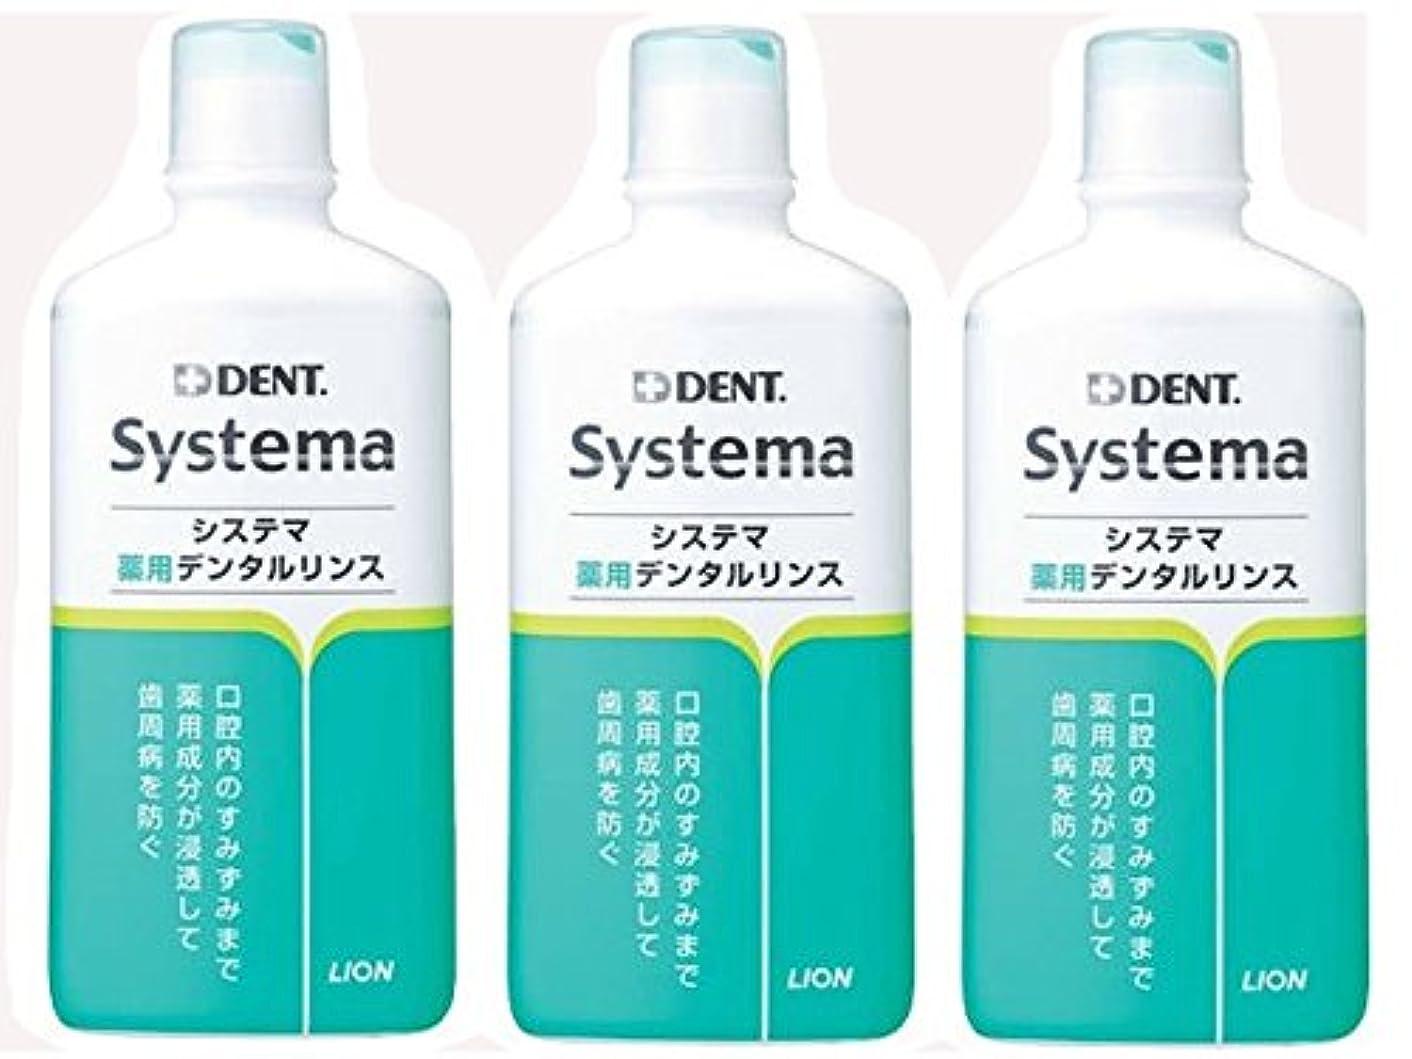 アシスタント少数アライメントデント システマ 薬用デンタルリンス レギュラータイプ(アルコール配合) 450ml 3本セット